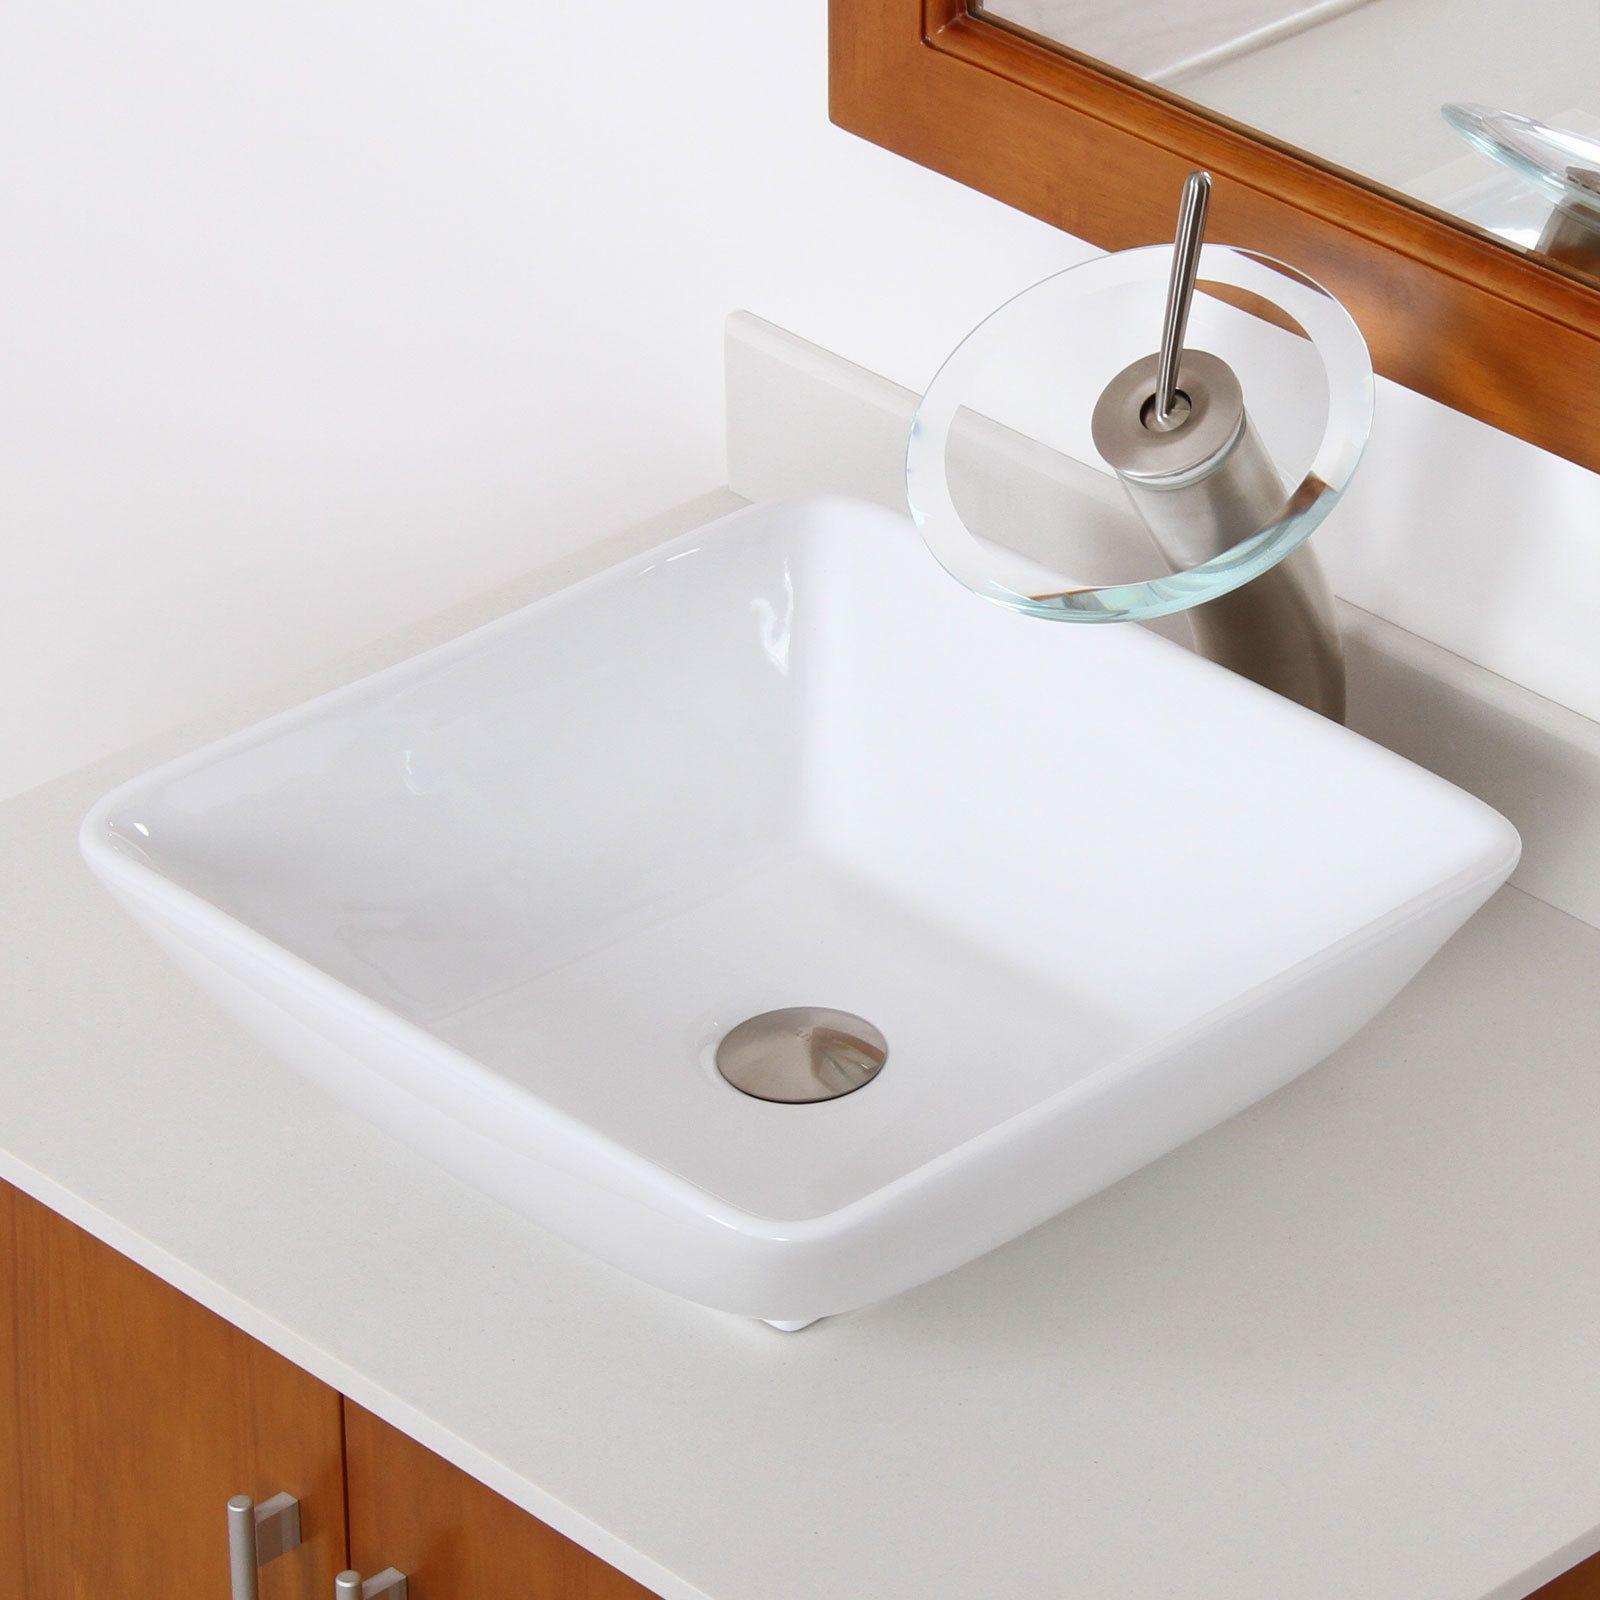 Elite High-temperature Ceramic Square Bathroom Sink / Brushed Nickel ...